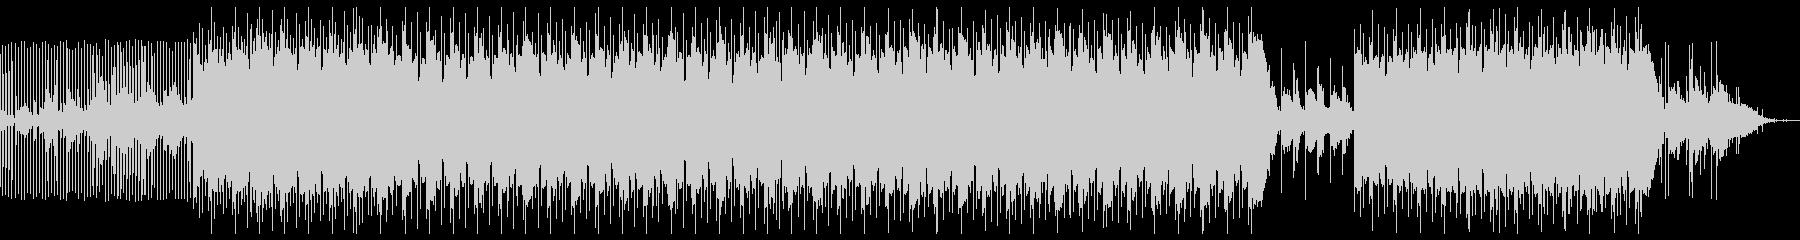 暗いシンプルなトラップ系楽曲の未再生の波形